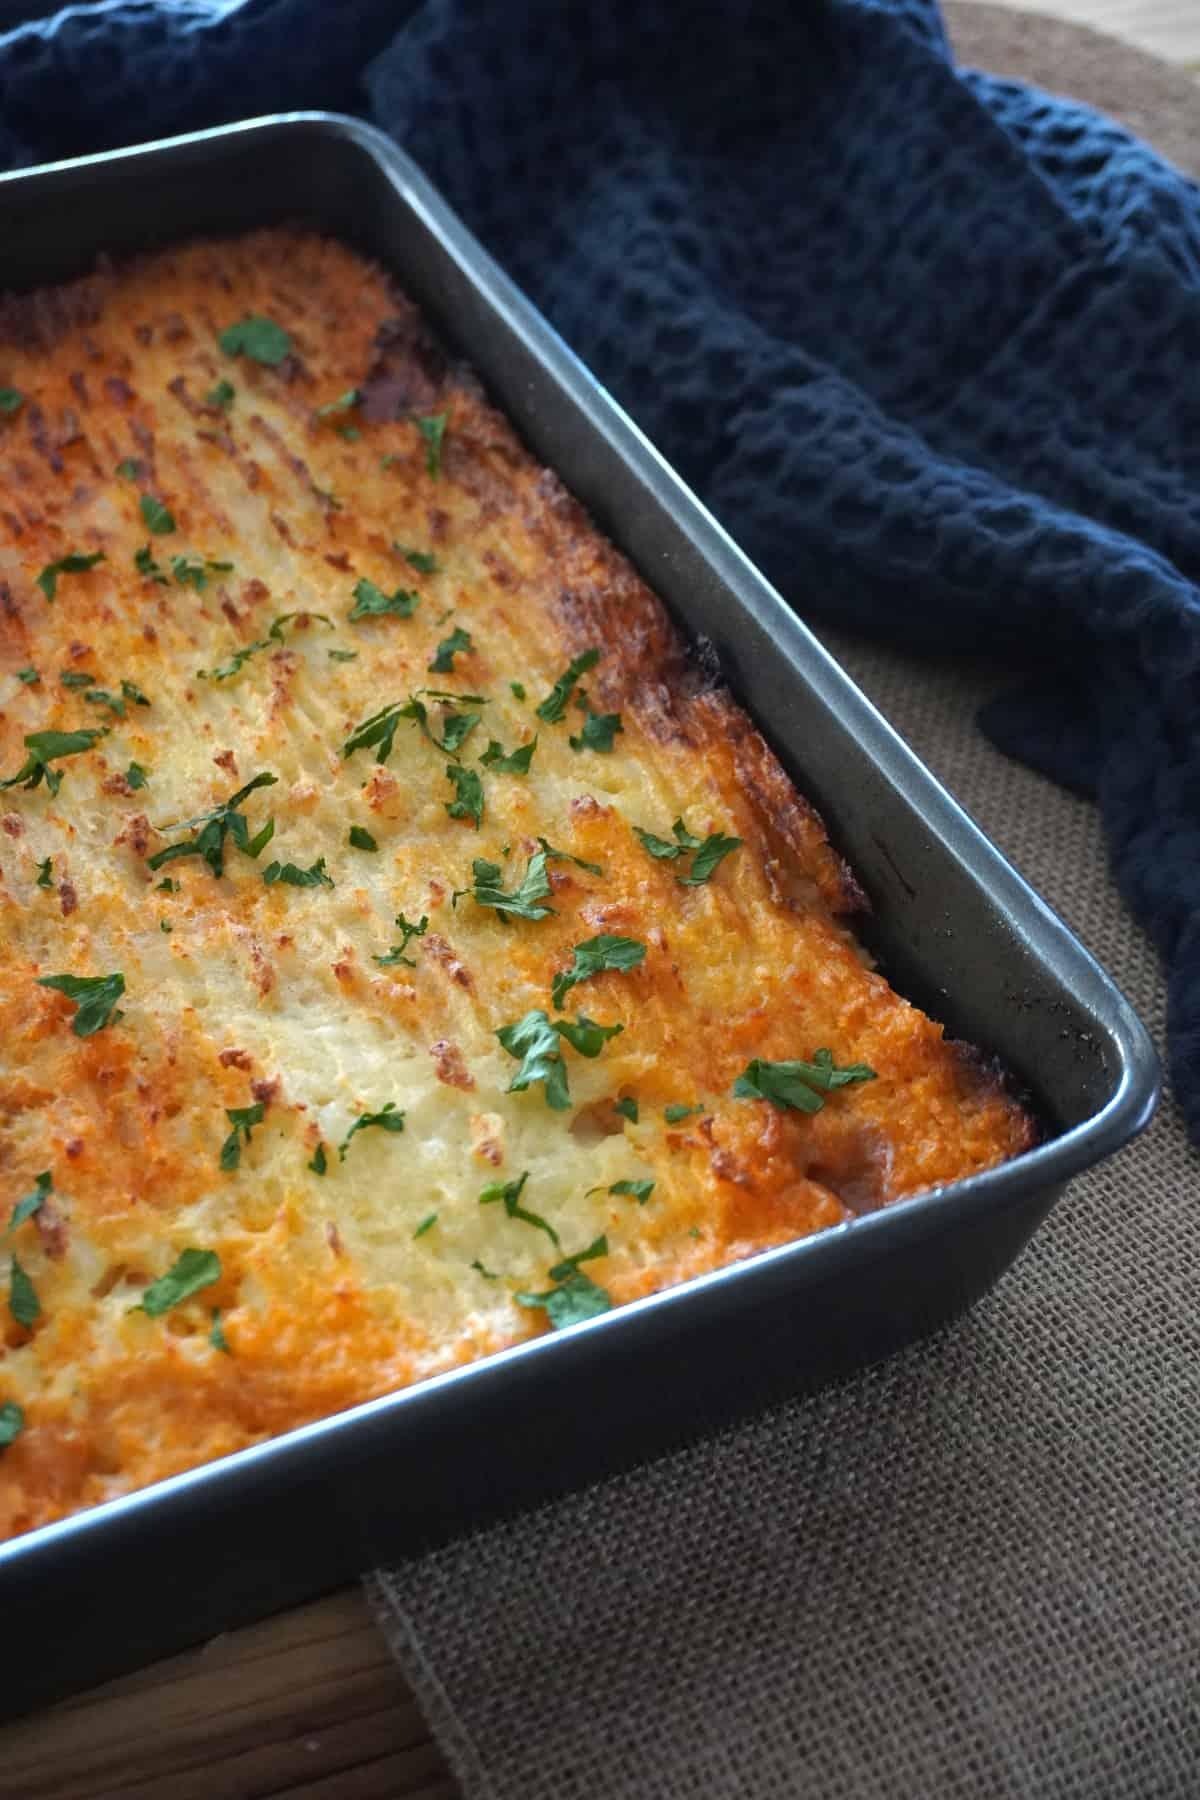 Vegan gluten free shepherd's pie in a tray